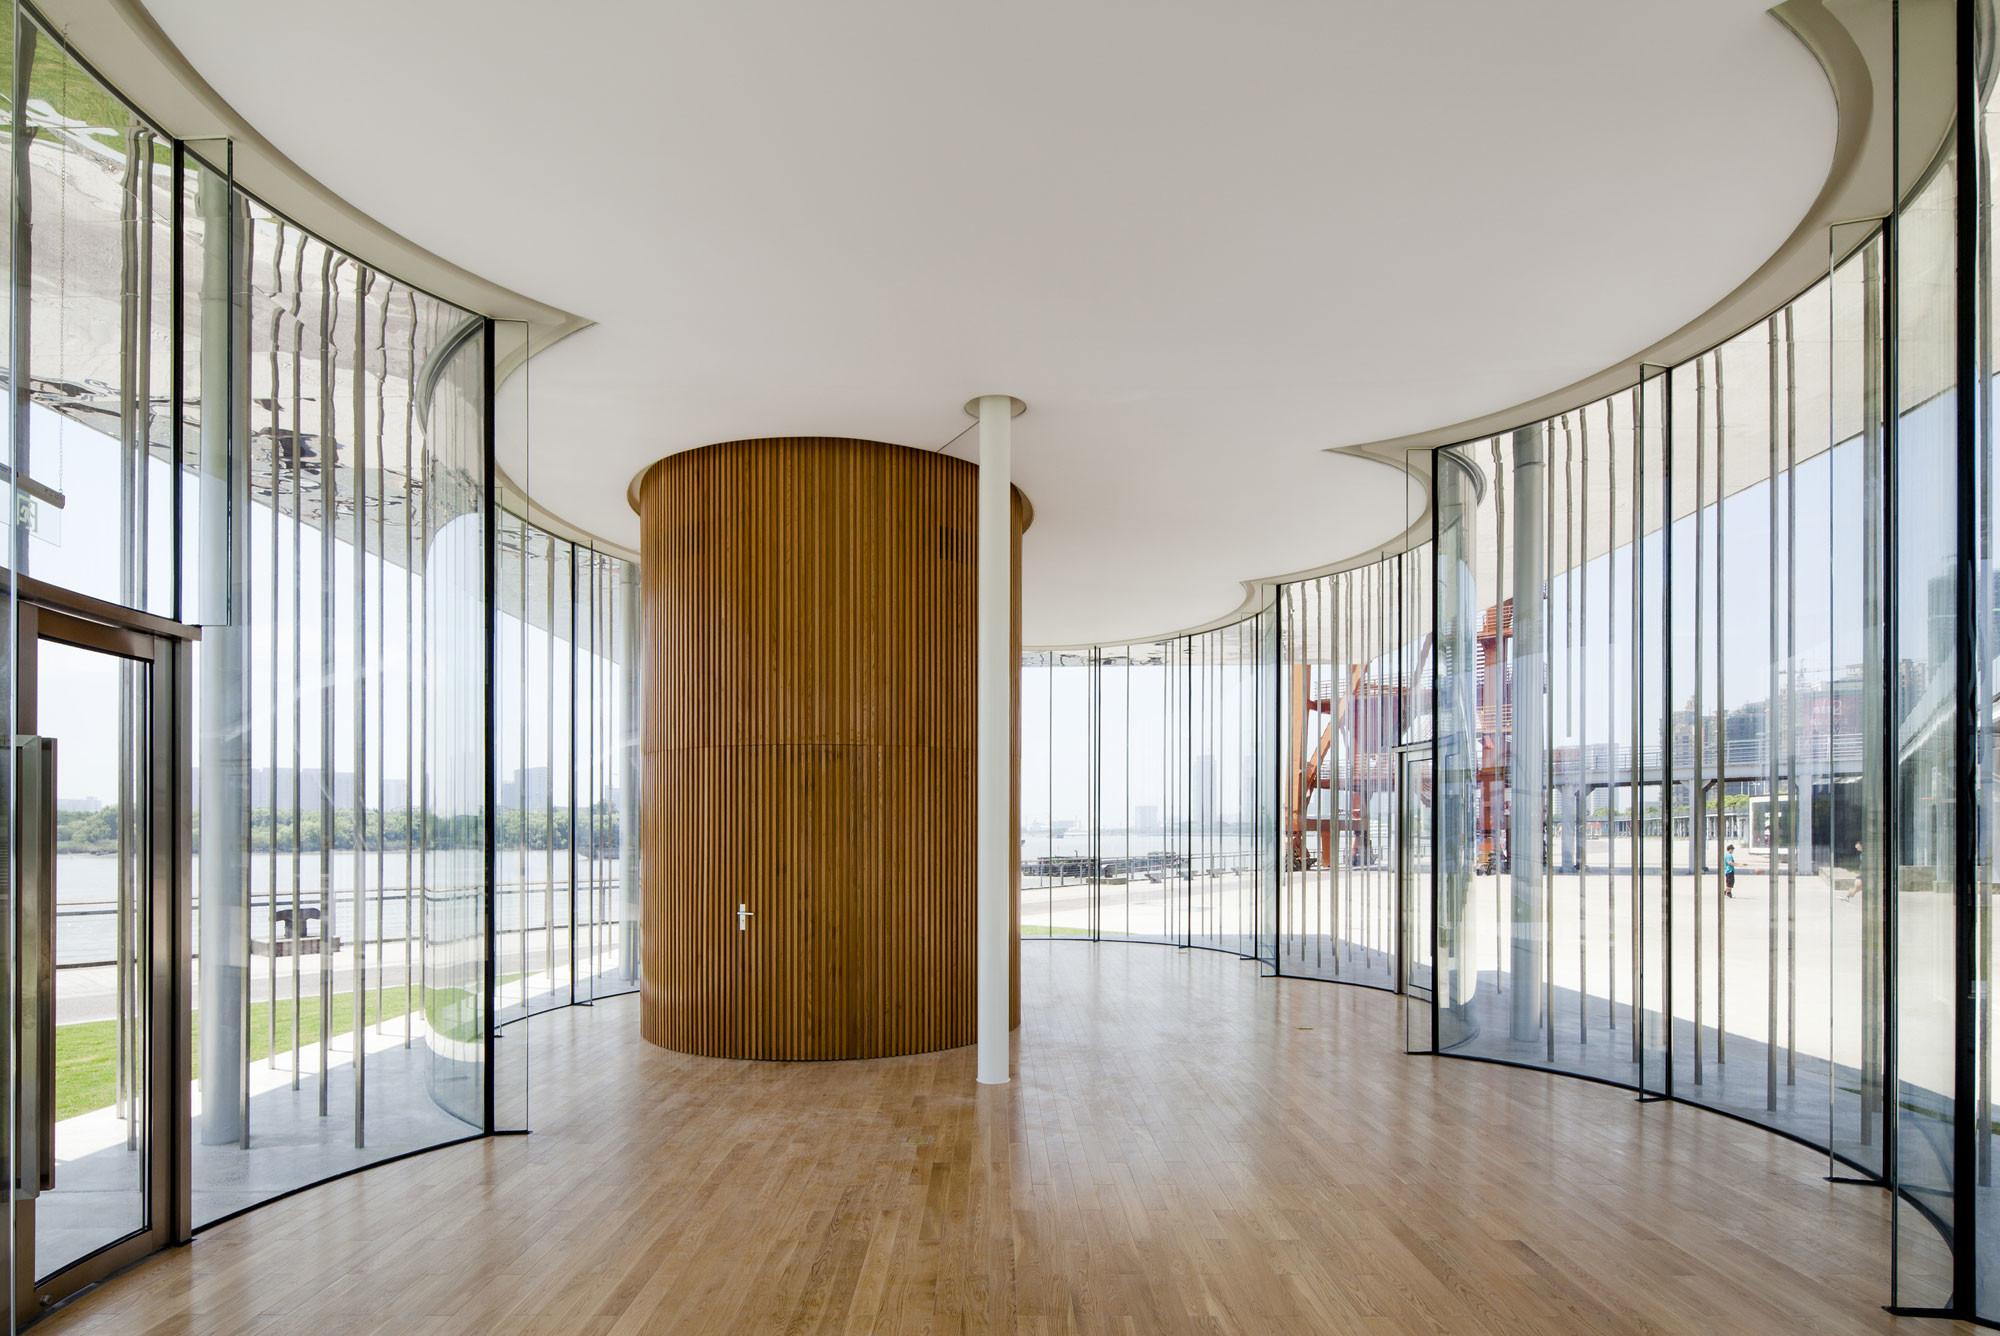 Cloud Pavilion in Schanghai | Glas | Kultur | Baunetz_Wissen